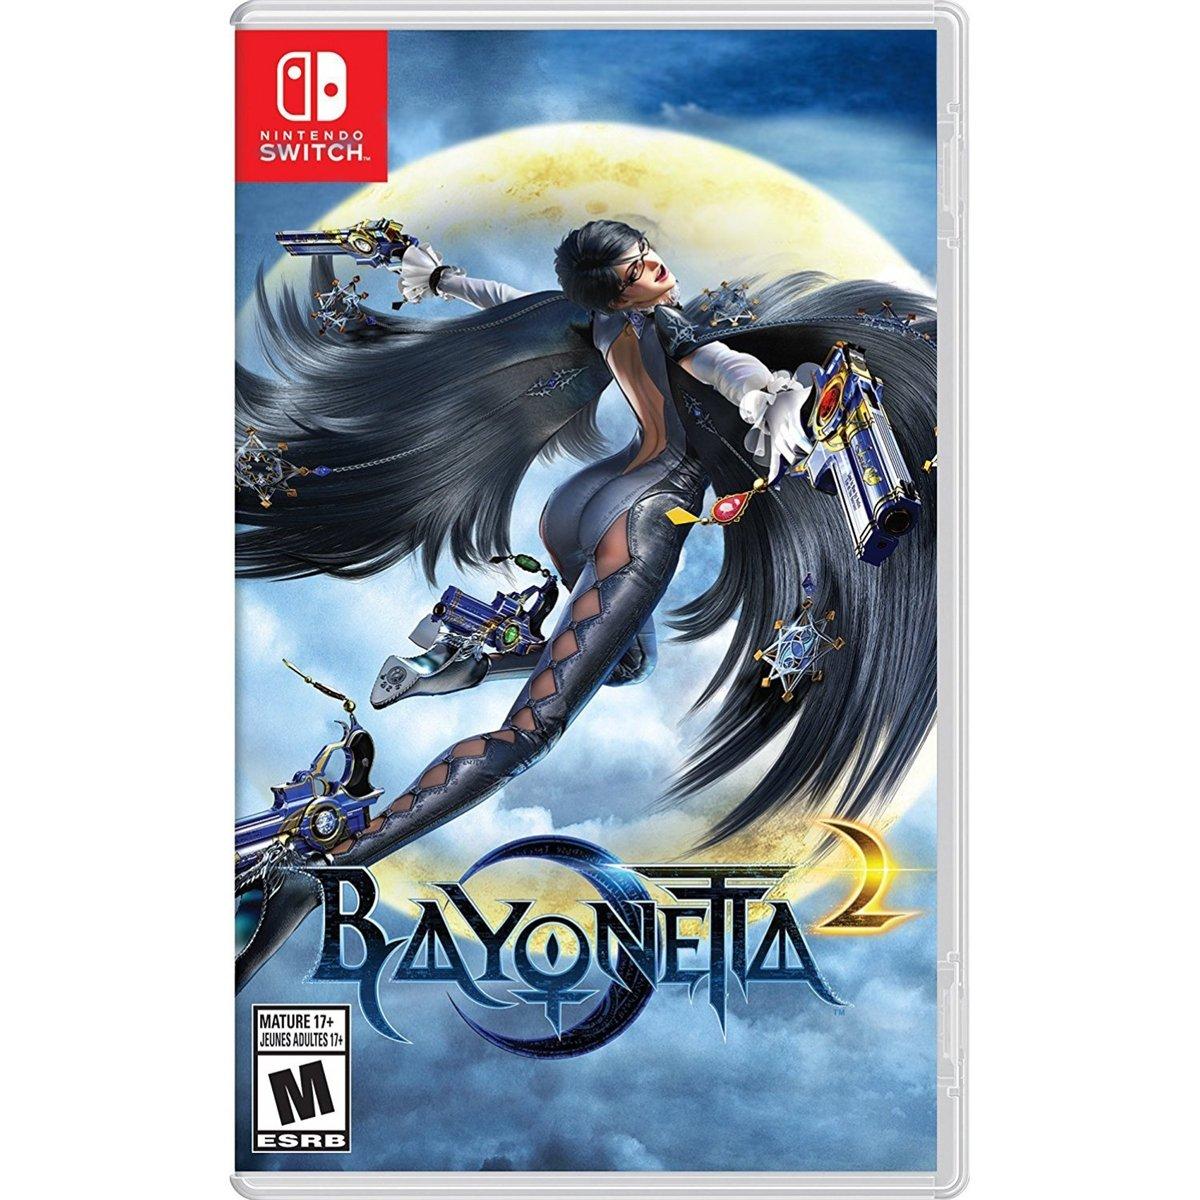 Amazon com: Bayonetta 2 (Physical Game Card) + Bayonetta